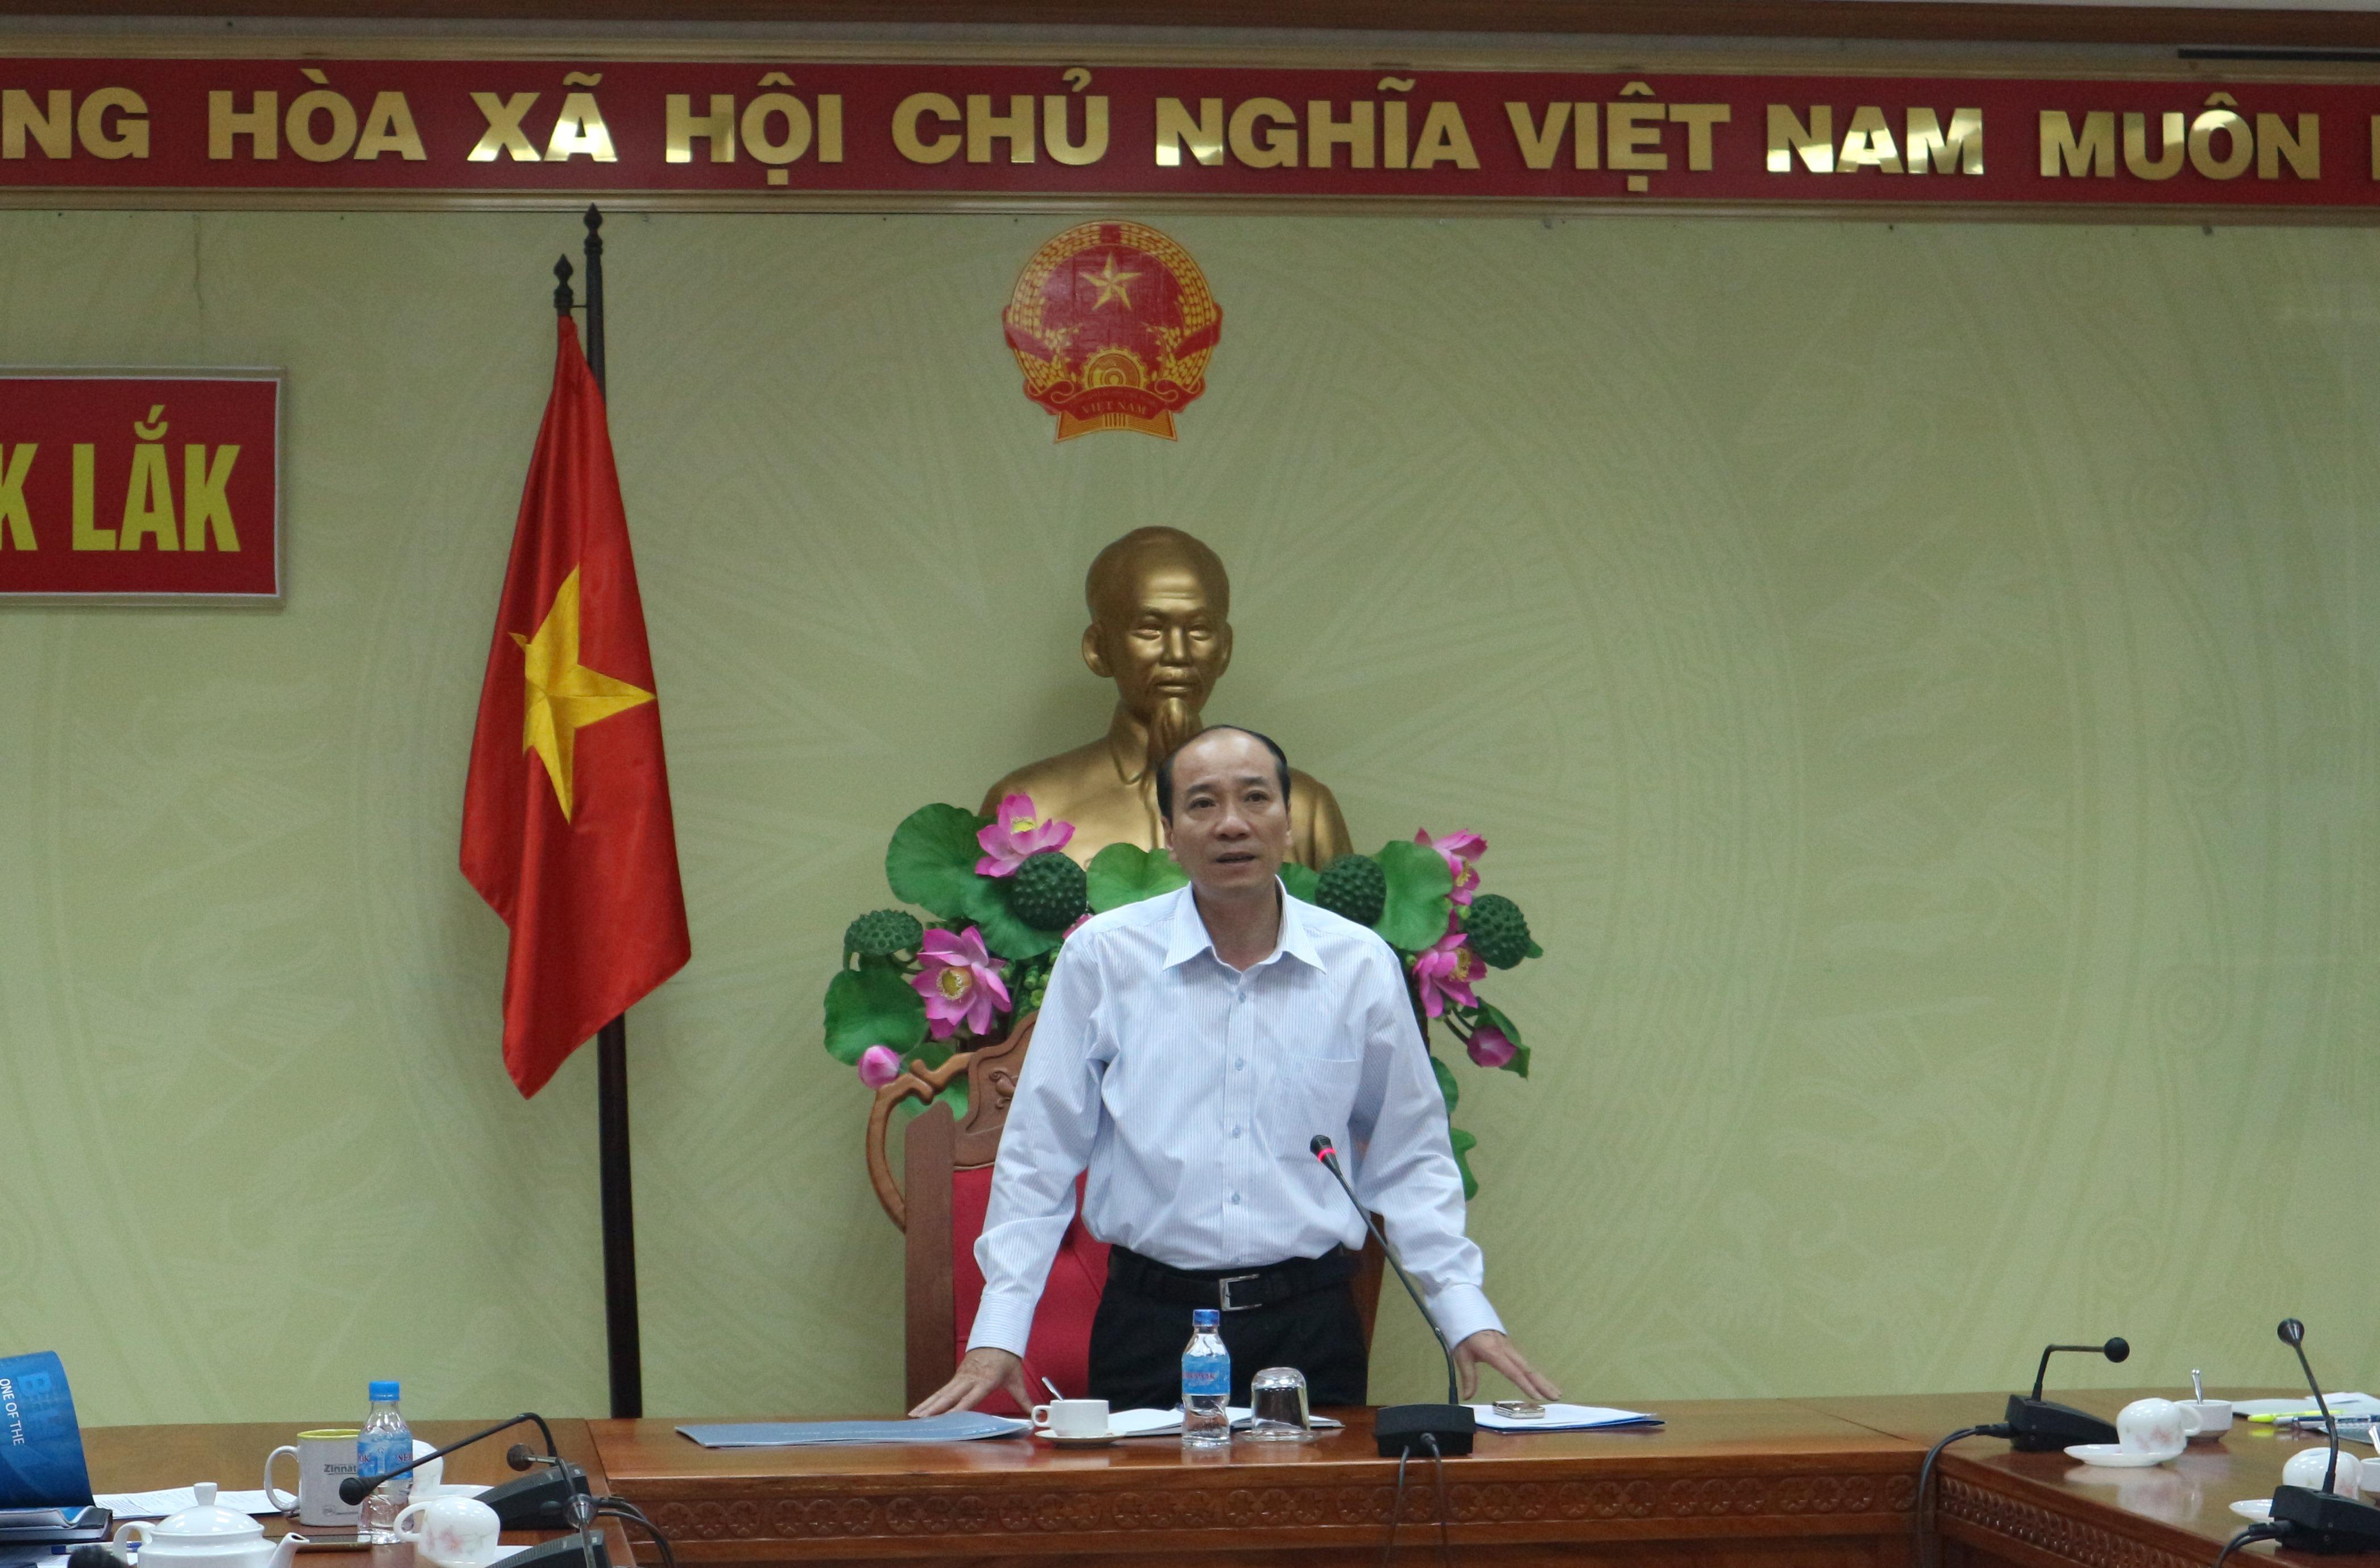 Thông báo Kết luận của đồng chí Phạm Ngọc Nghị - Chủ tịch UBND tỉnh tại phiên họp thường kỳ tháng 02- 2020.